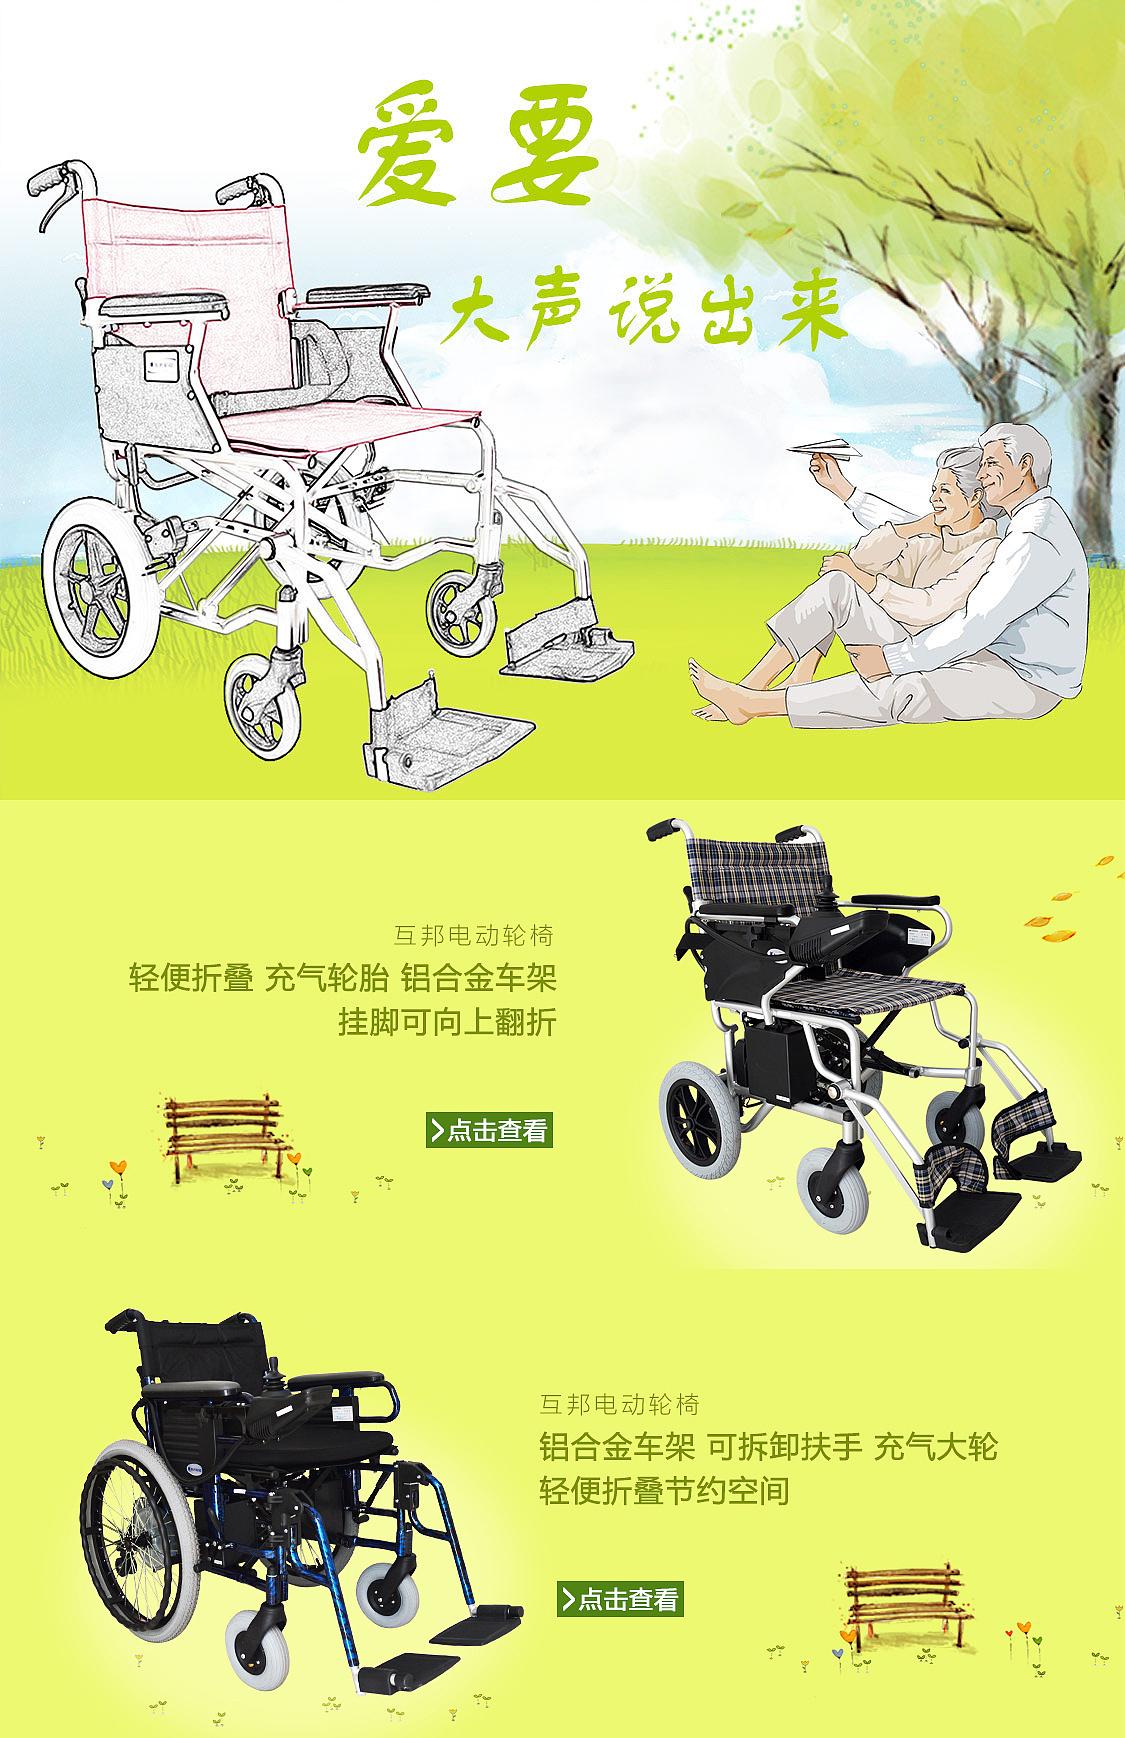 轮椅活动页-通天塔|平面|其他平面|ll1504545 - 原创